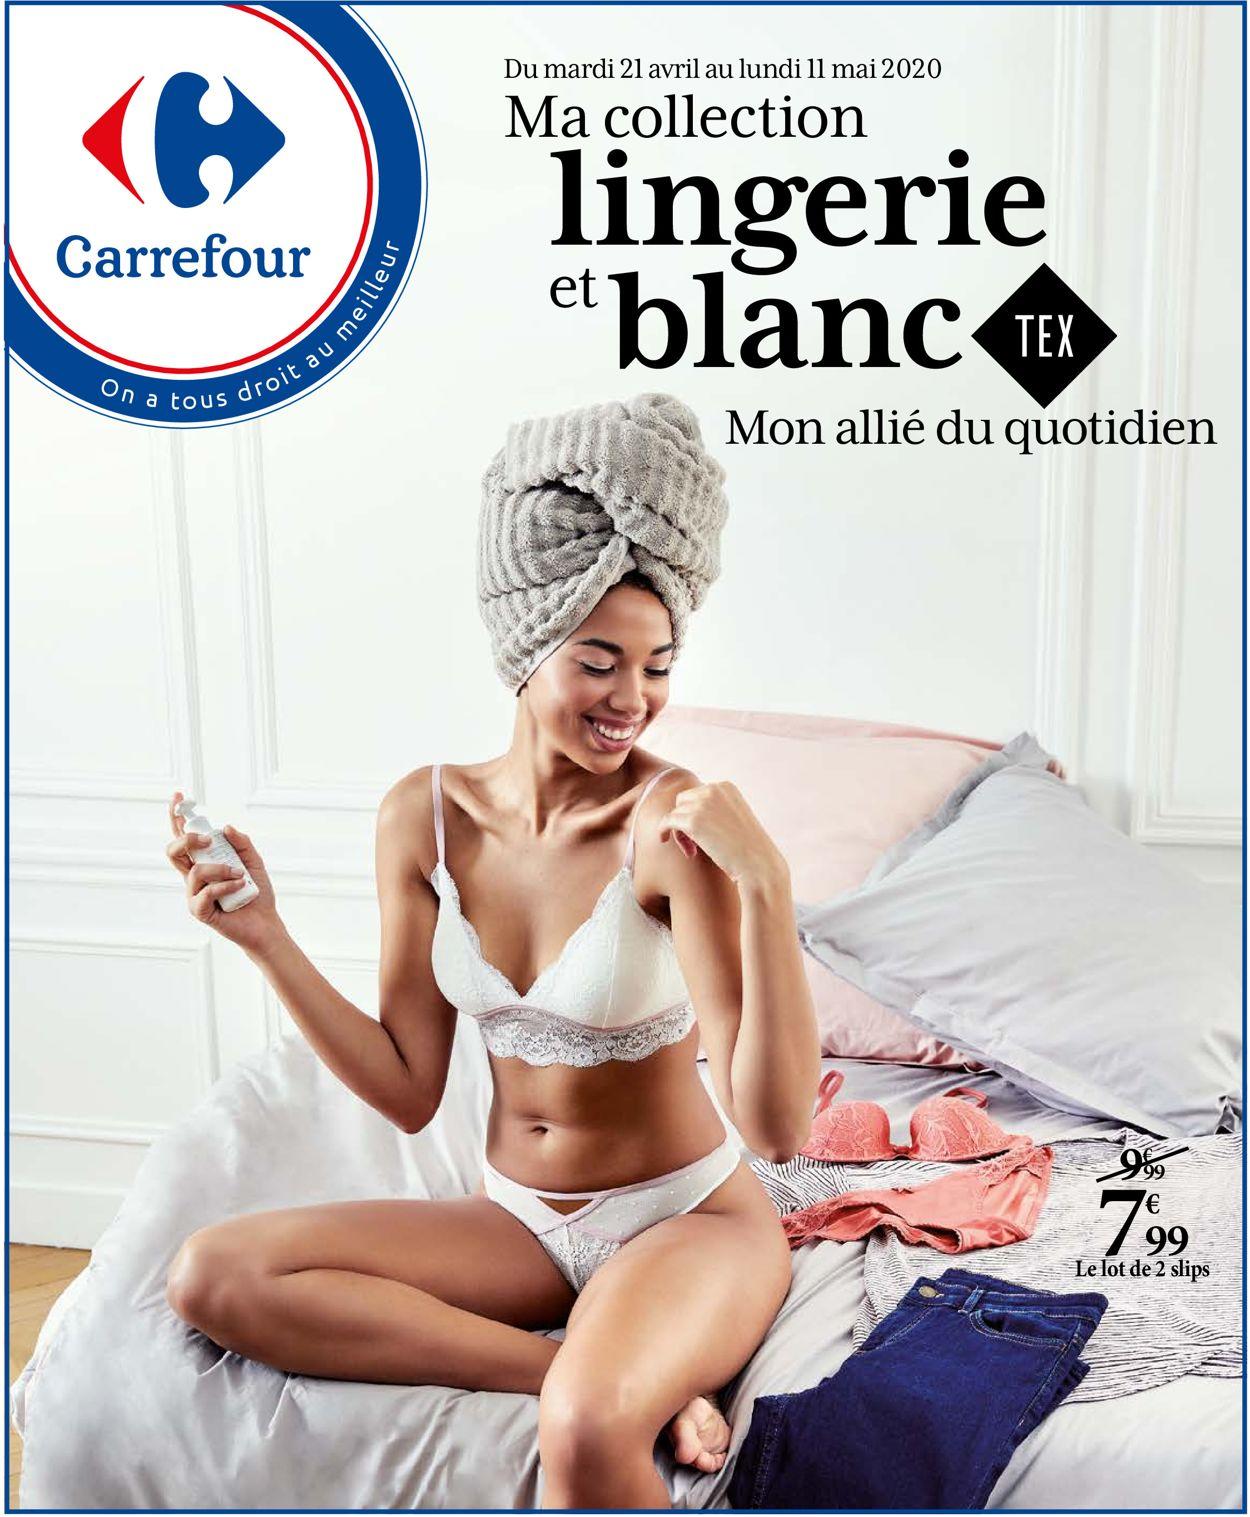 Carrefour Catalogue - 21.04-11.05.2020